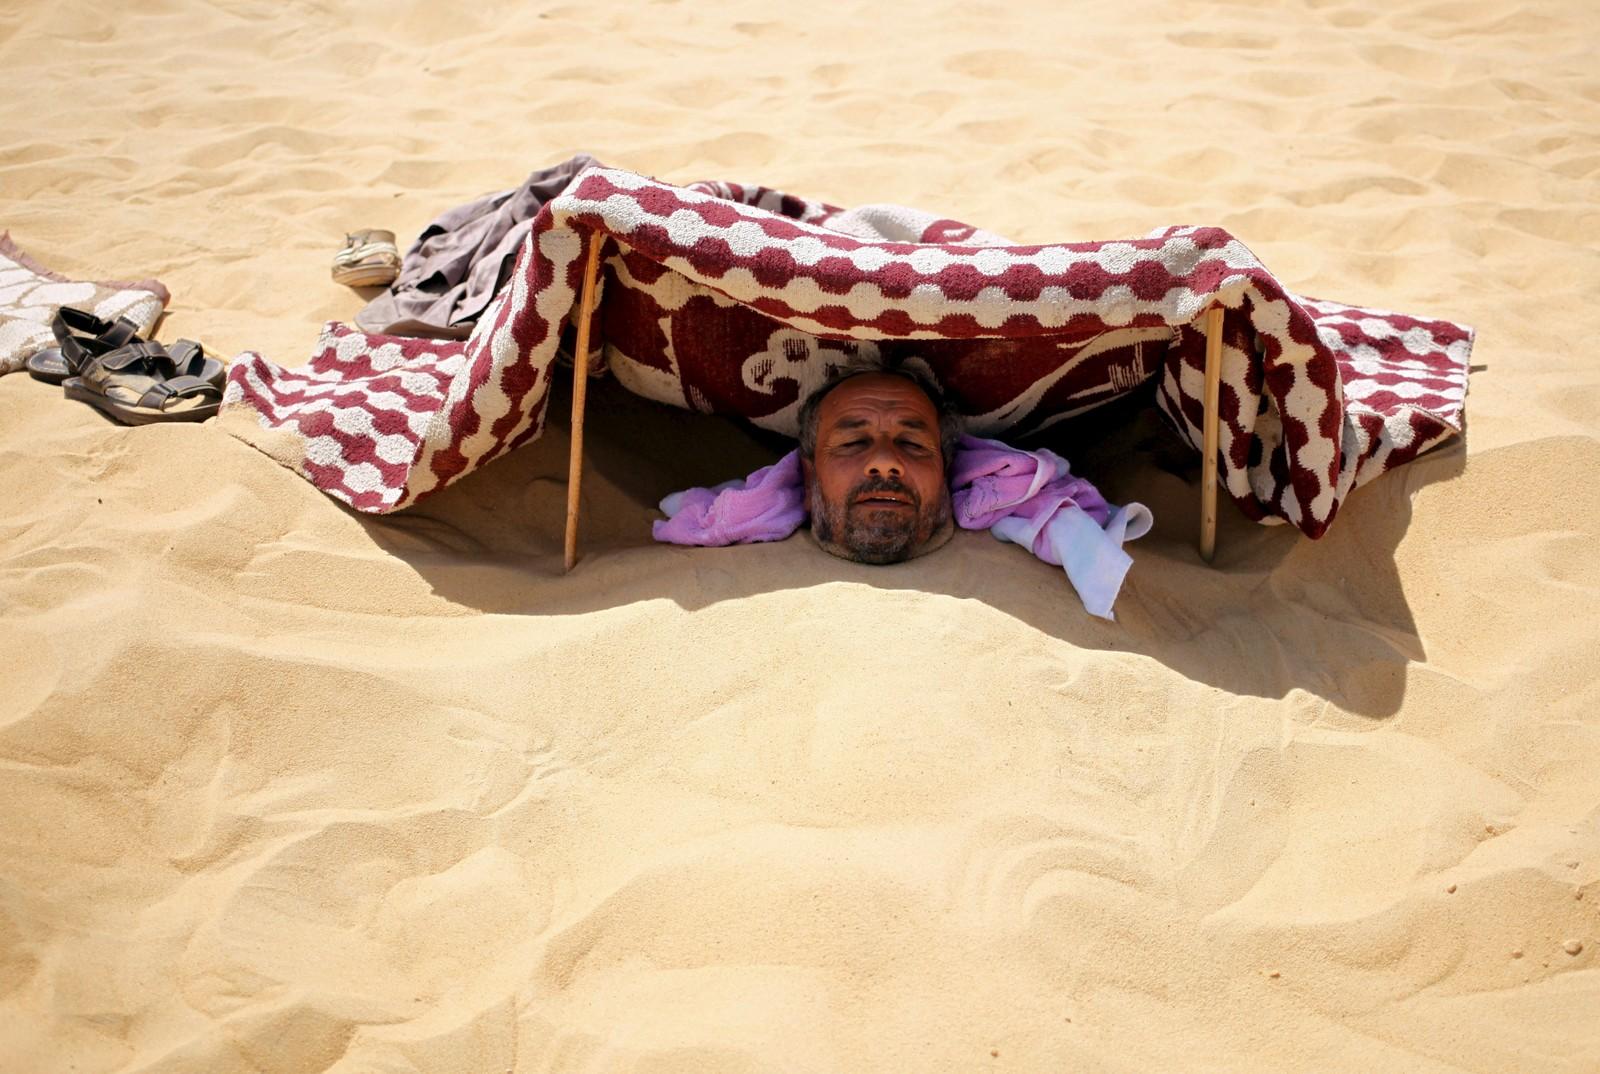 En manns hode stikker opp av den varme, egyptiske sanden i Siwa. Midt på dagen, da solen varmer som mest, lar folk seg grave ned i håp om at det skal hjelpe mot plager som revmatisme, impotens m.m.